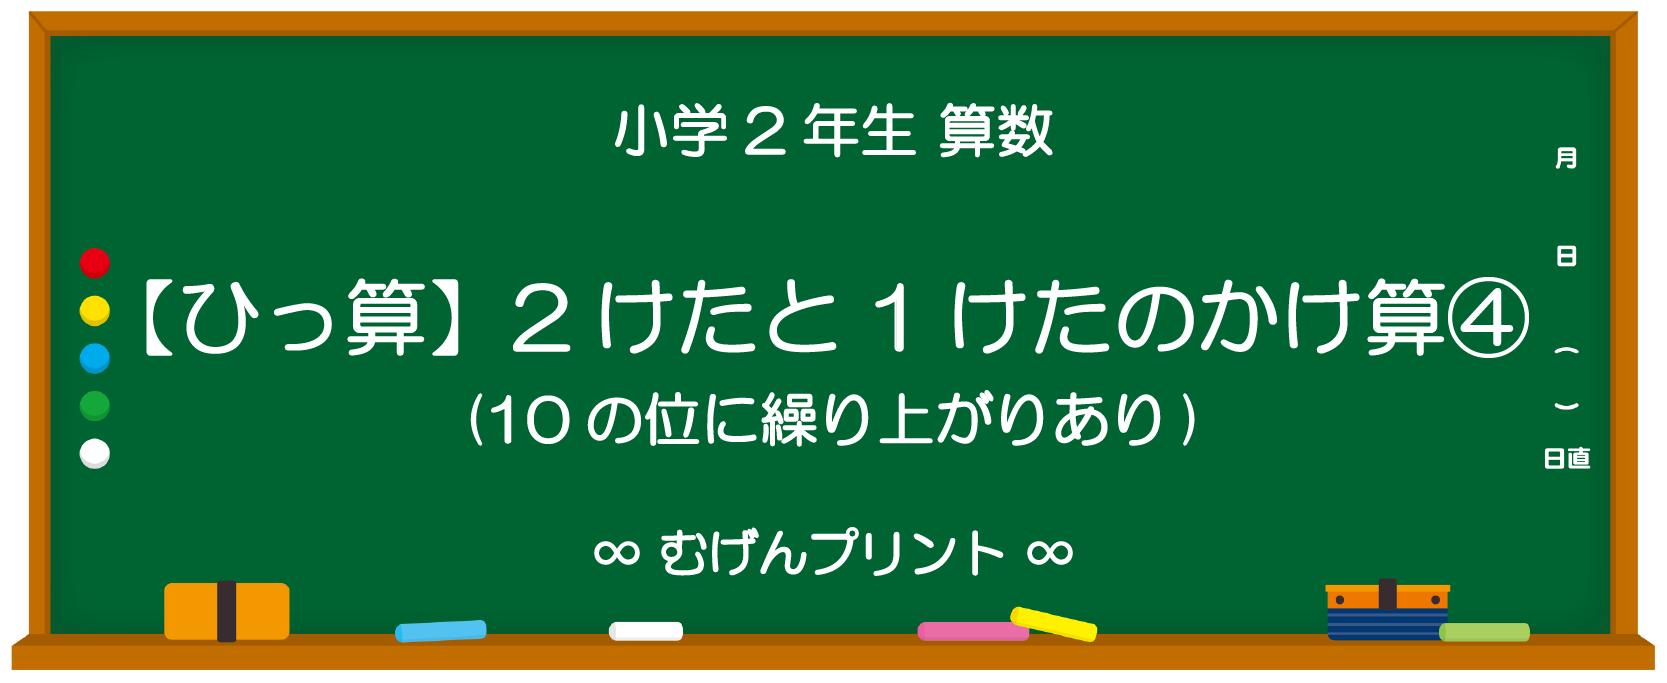 【小3 算数 無料プリント/ミニテスト/ドリル】【ひっ算】2けたと1けたのかけ算④(10の位に繰り上がりあり)